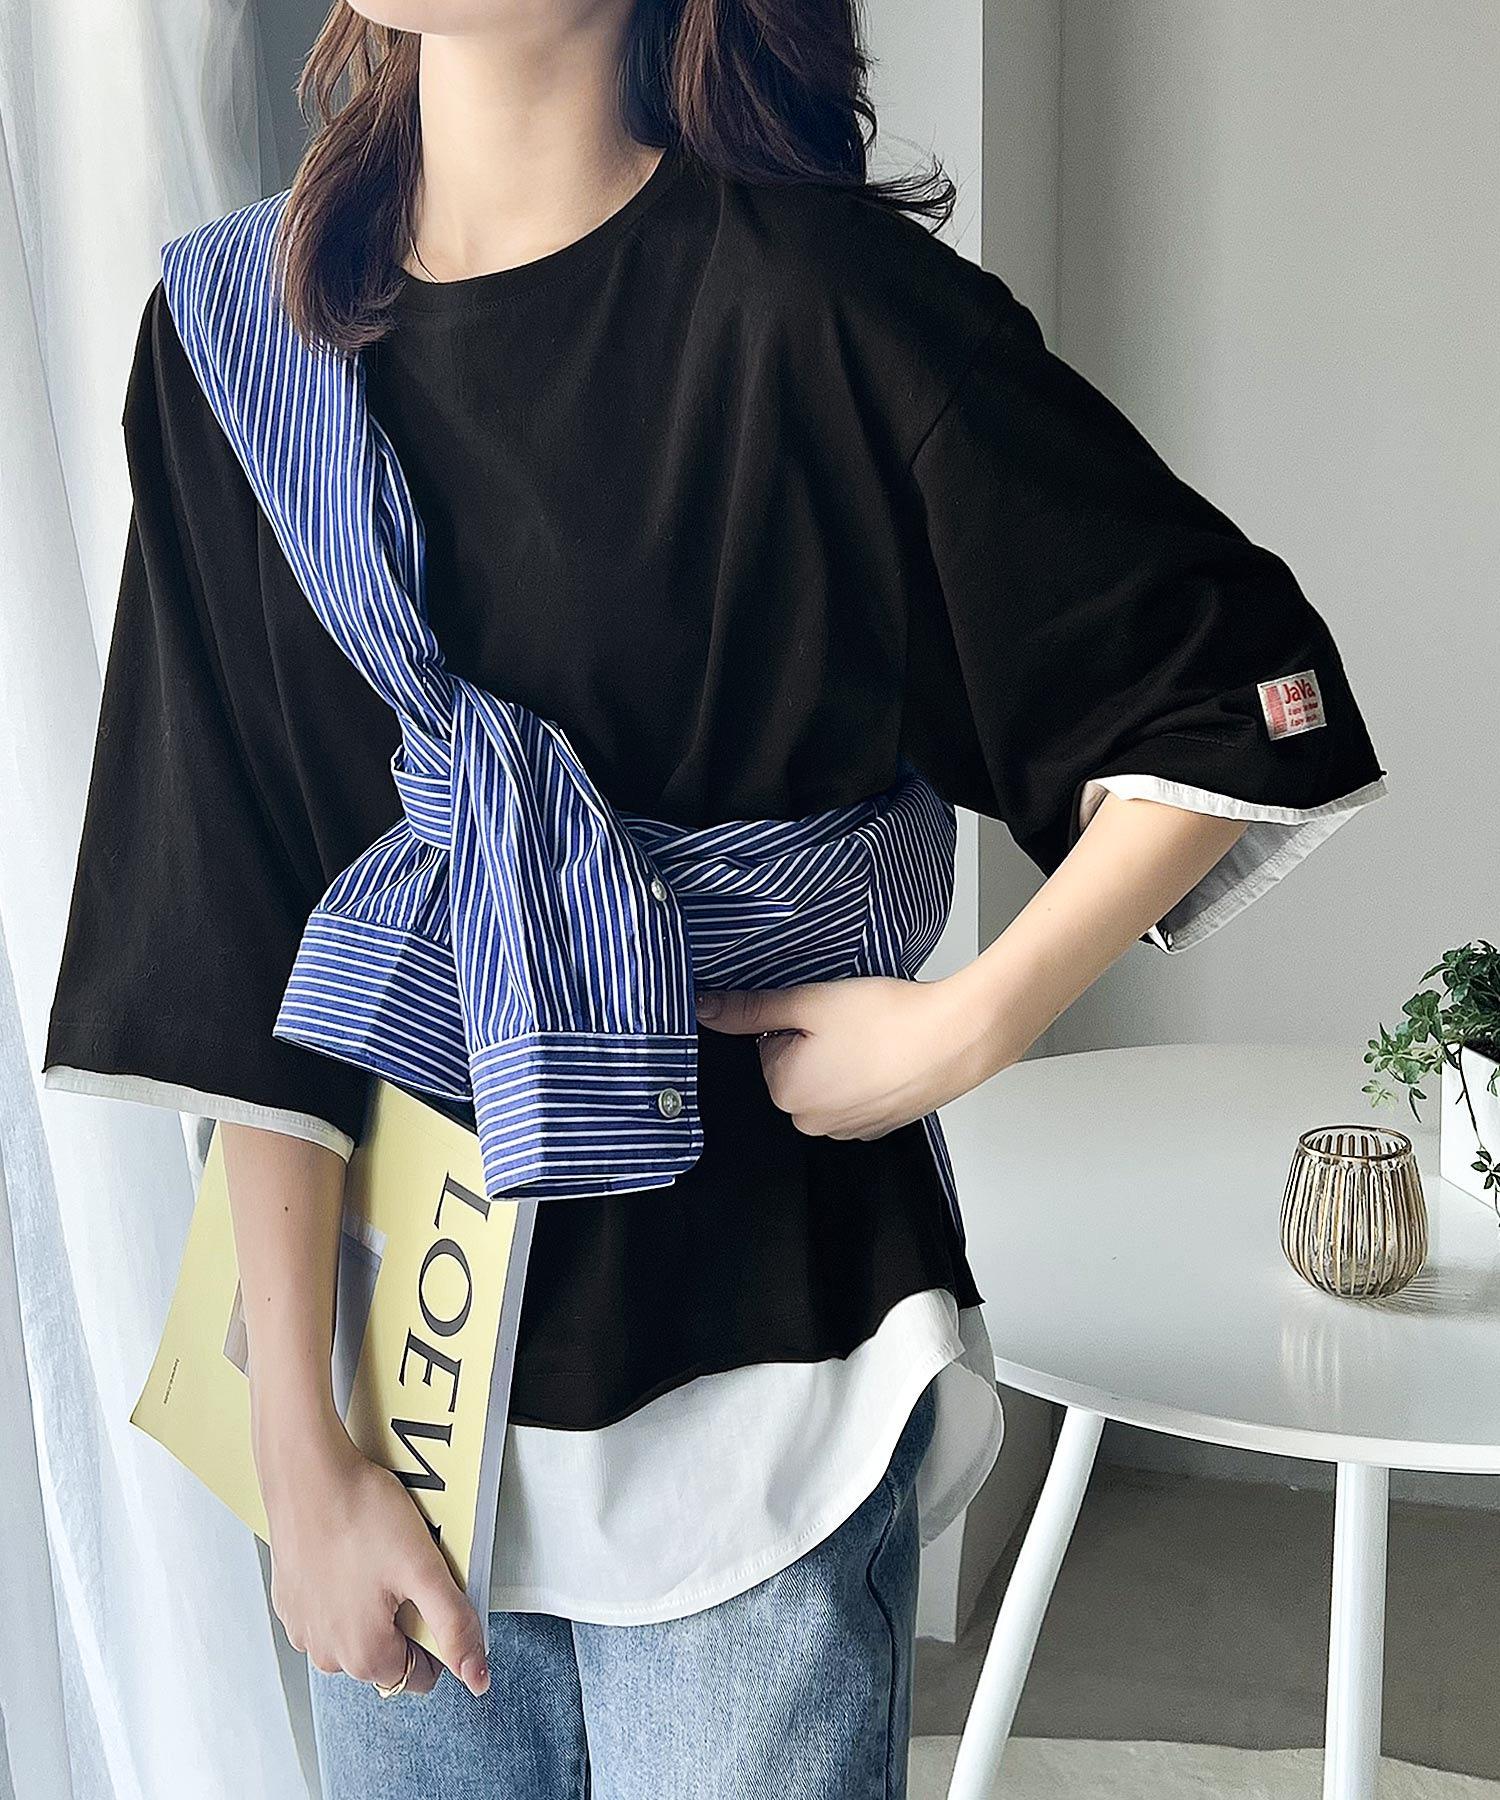 レイヤード風 ミドル丈・無地クルーネックTシャツ(半袖)